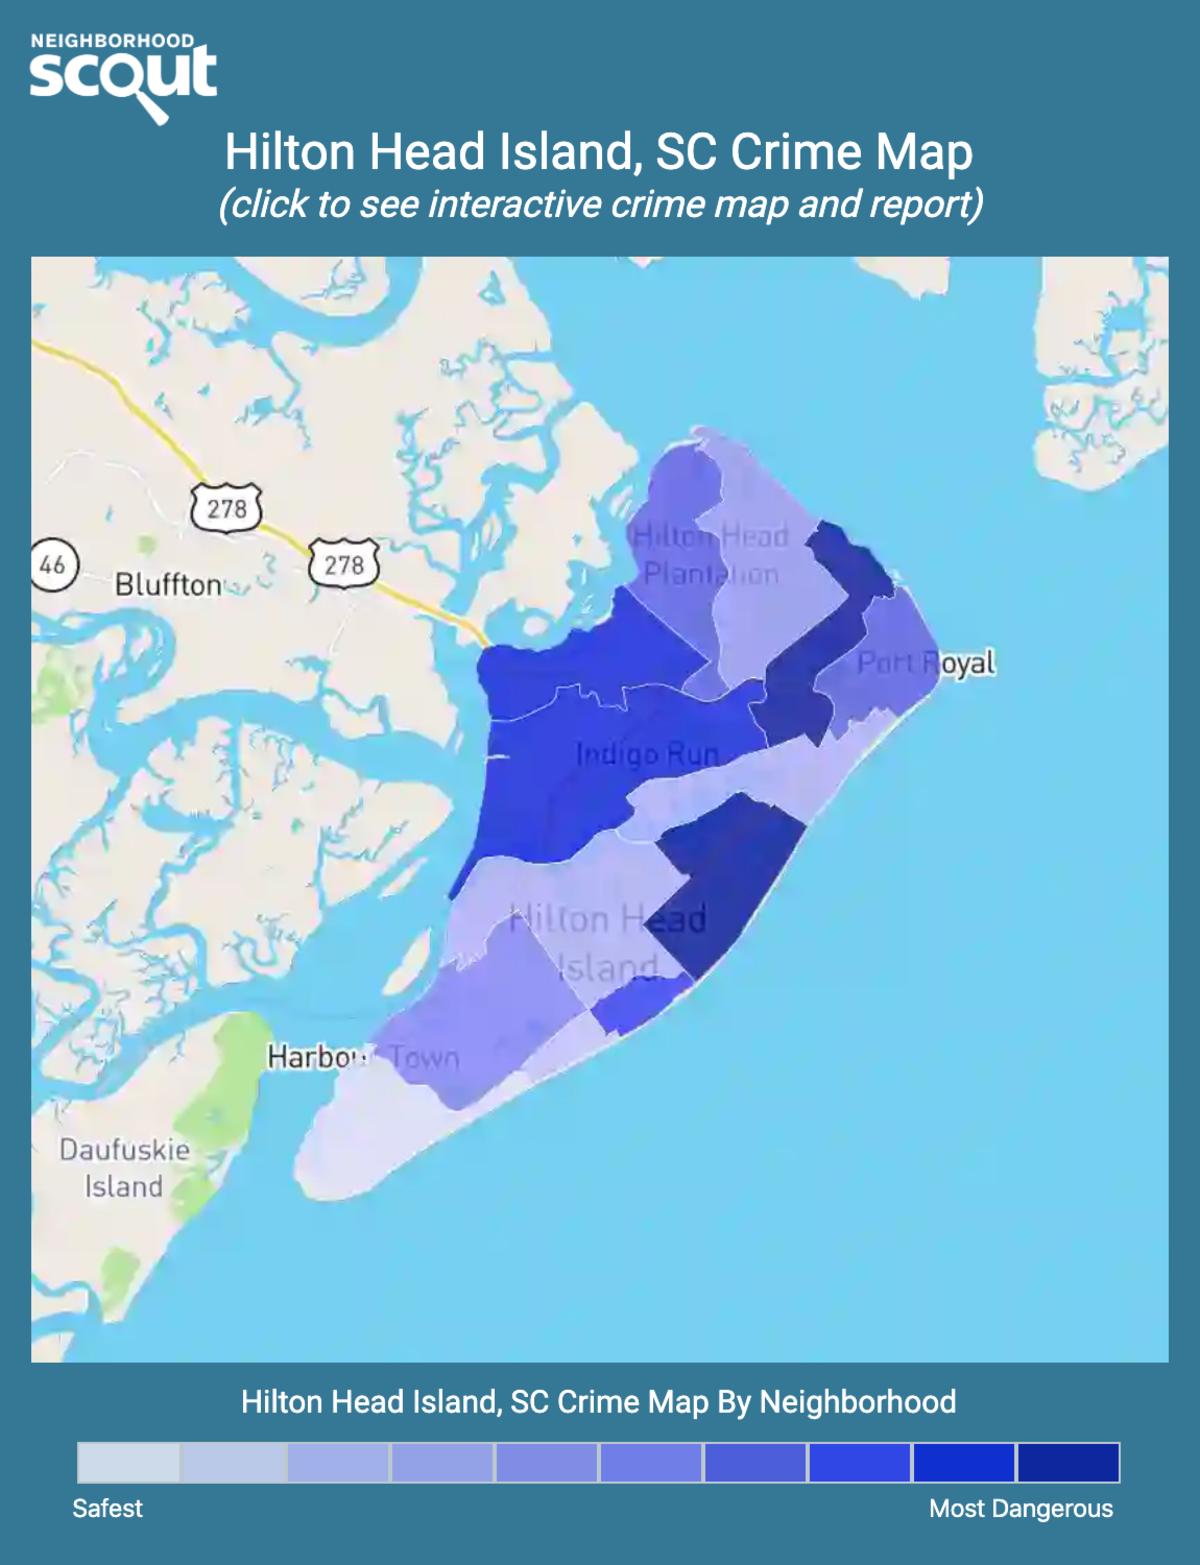 Hilton Head Island, South Carolina crime map